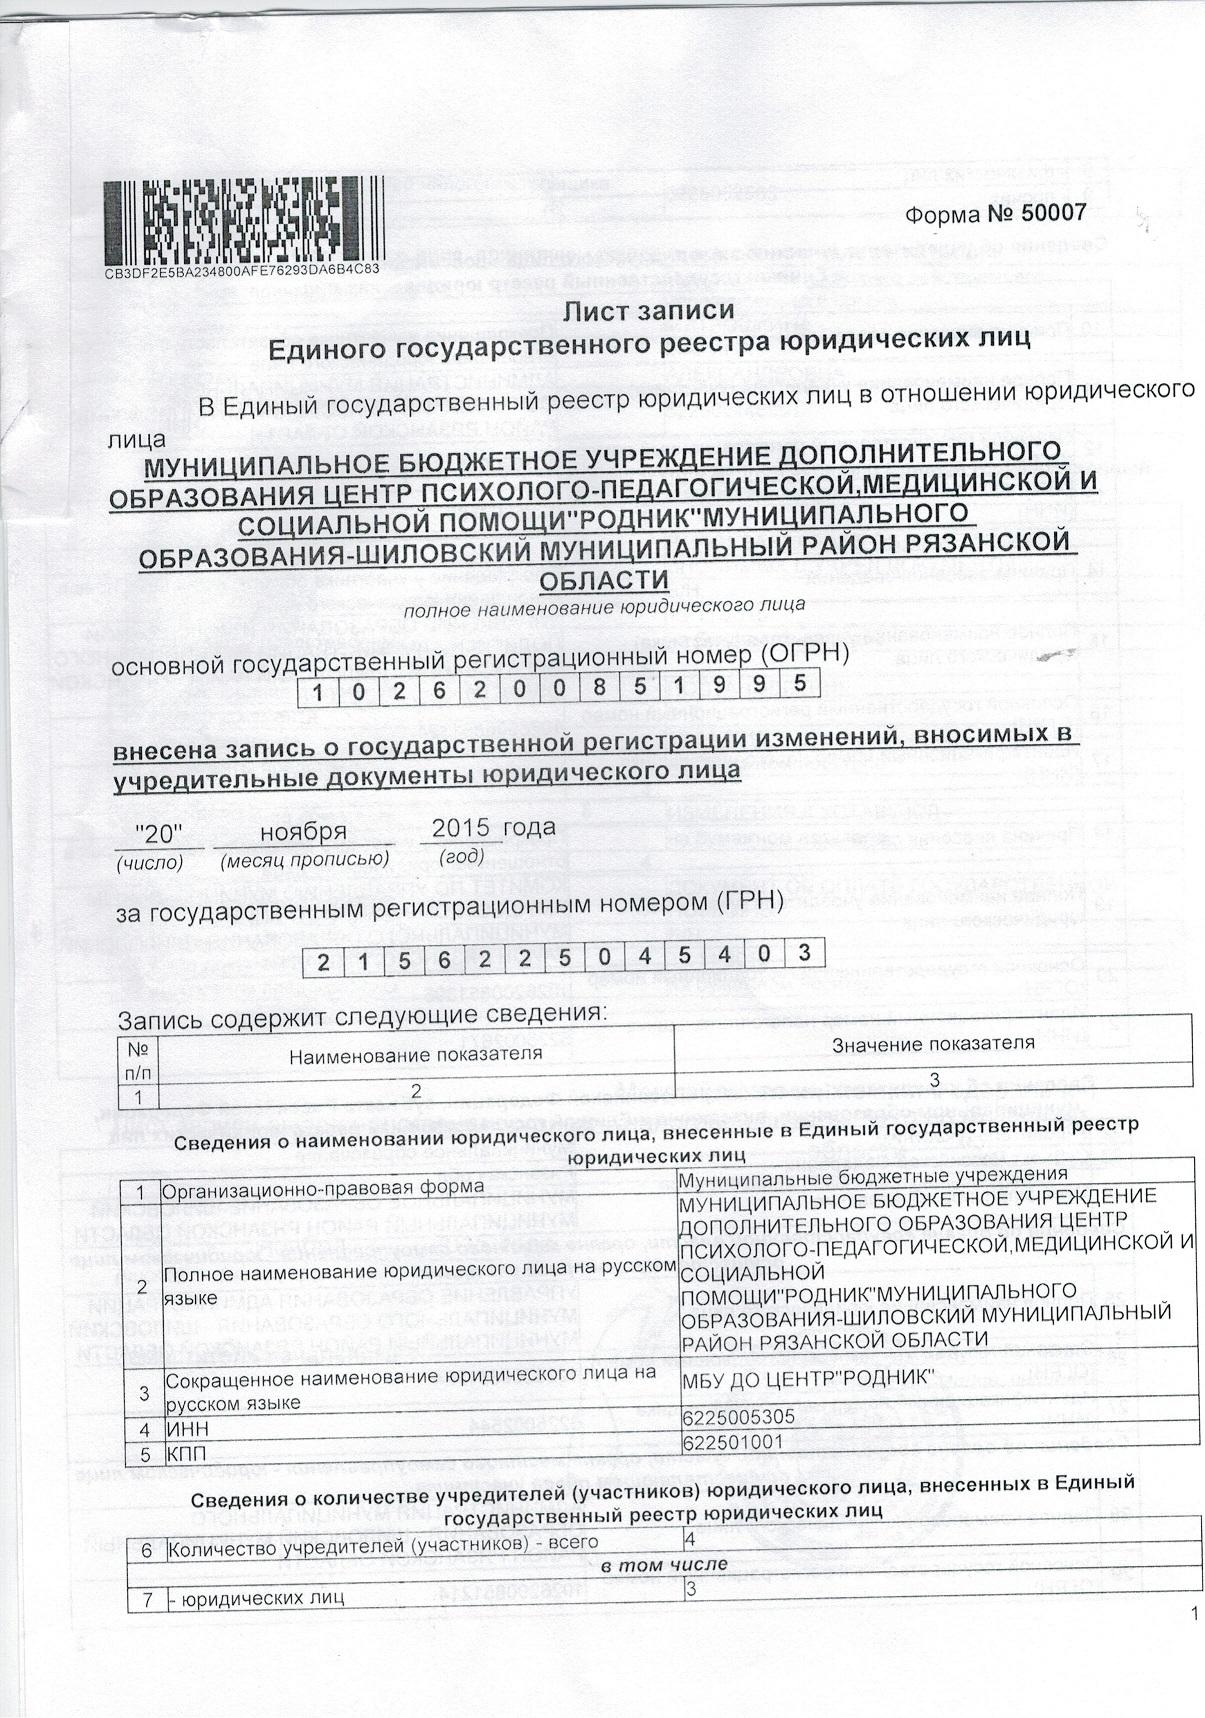 Лист записи ЕГРЮЛ 1